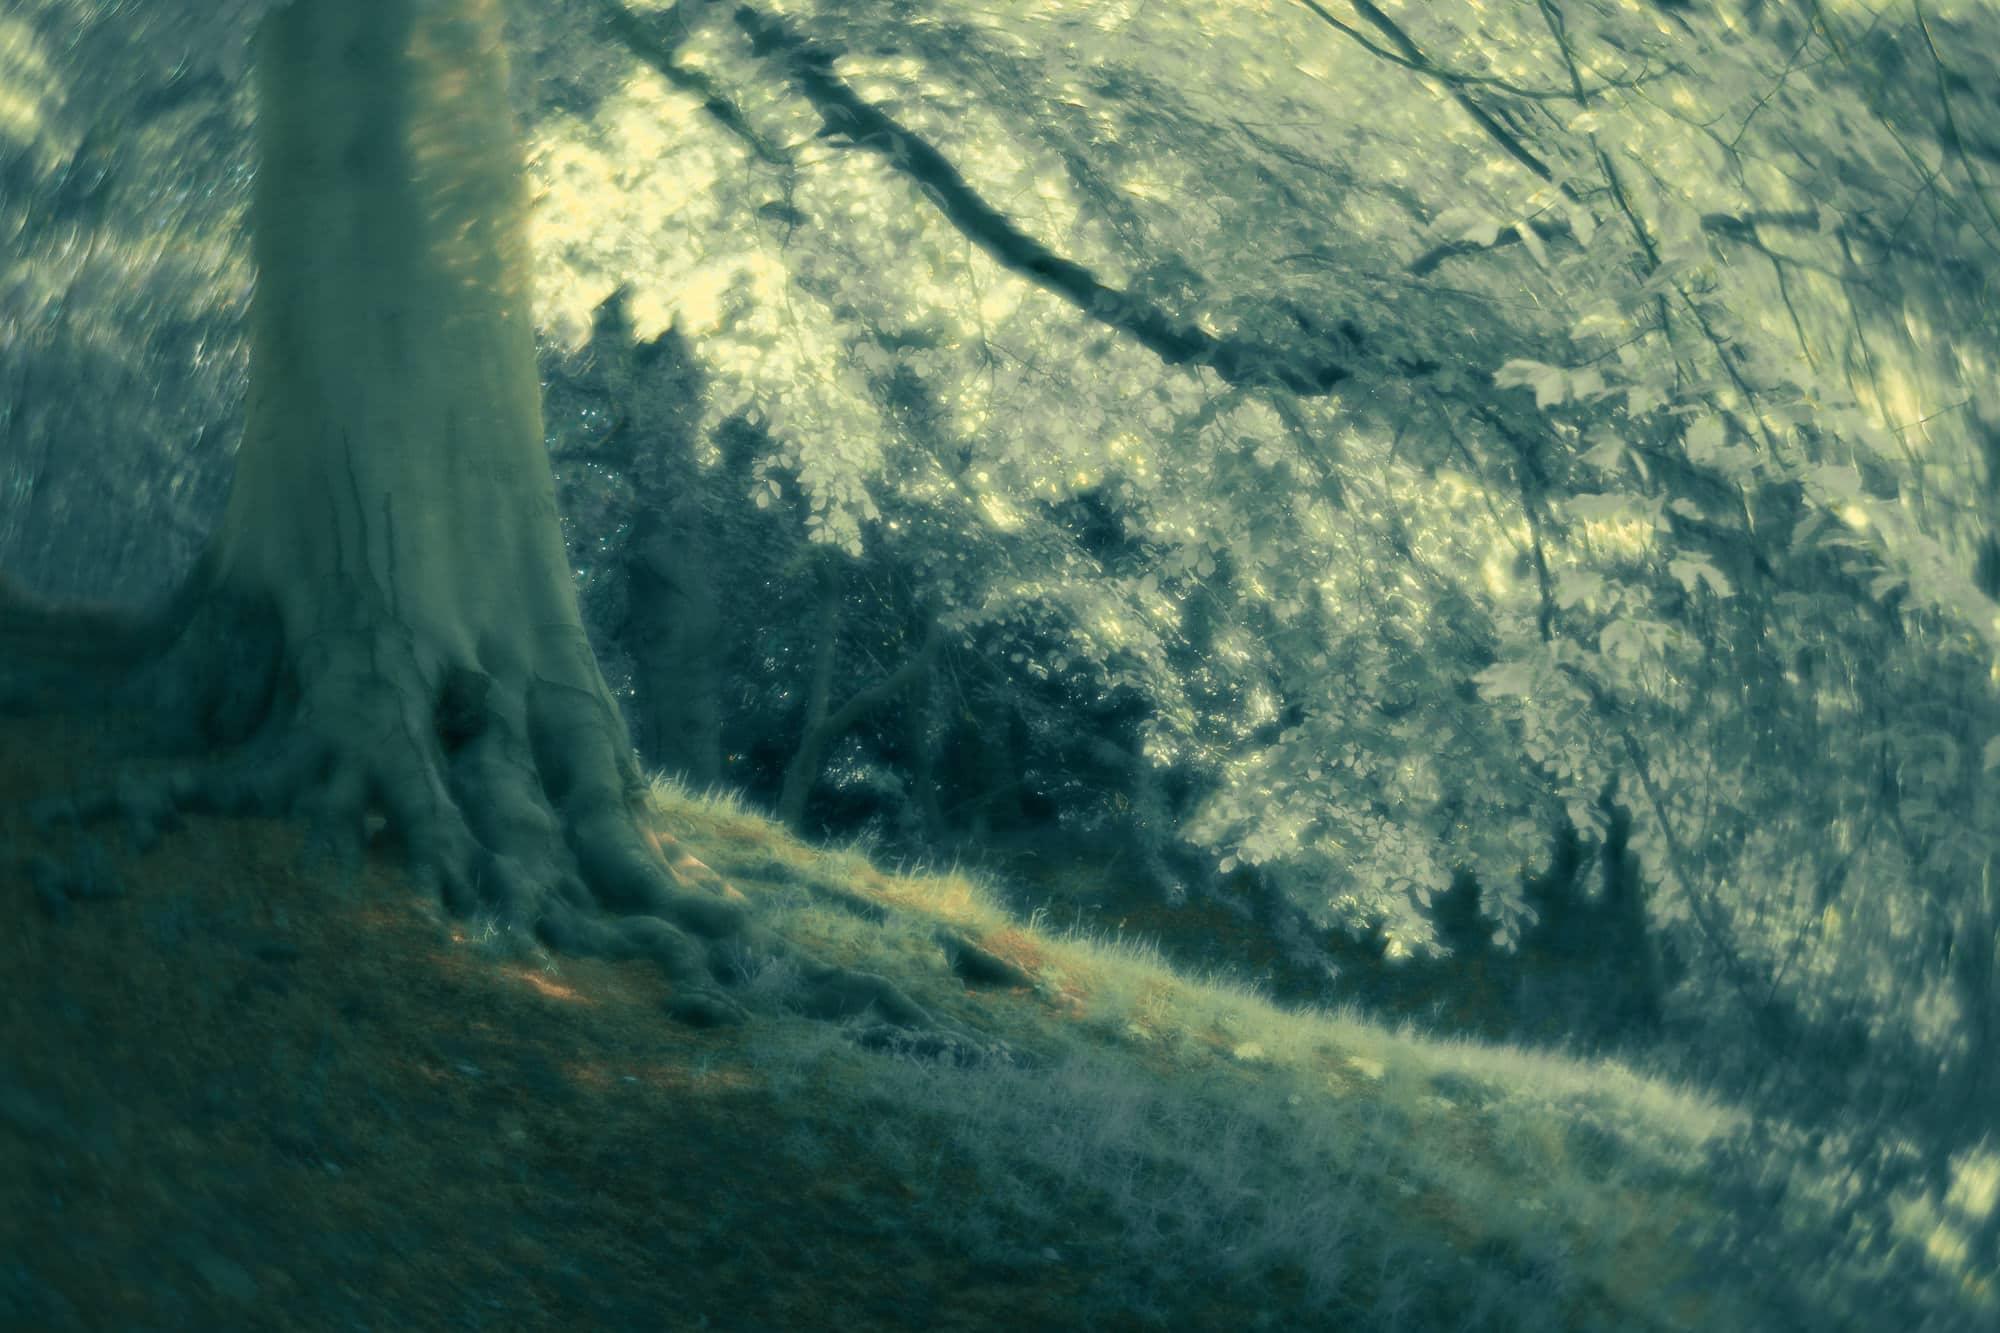 Paysage pris a f4 avec le Daguerreotype Achromat de chez Lomography